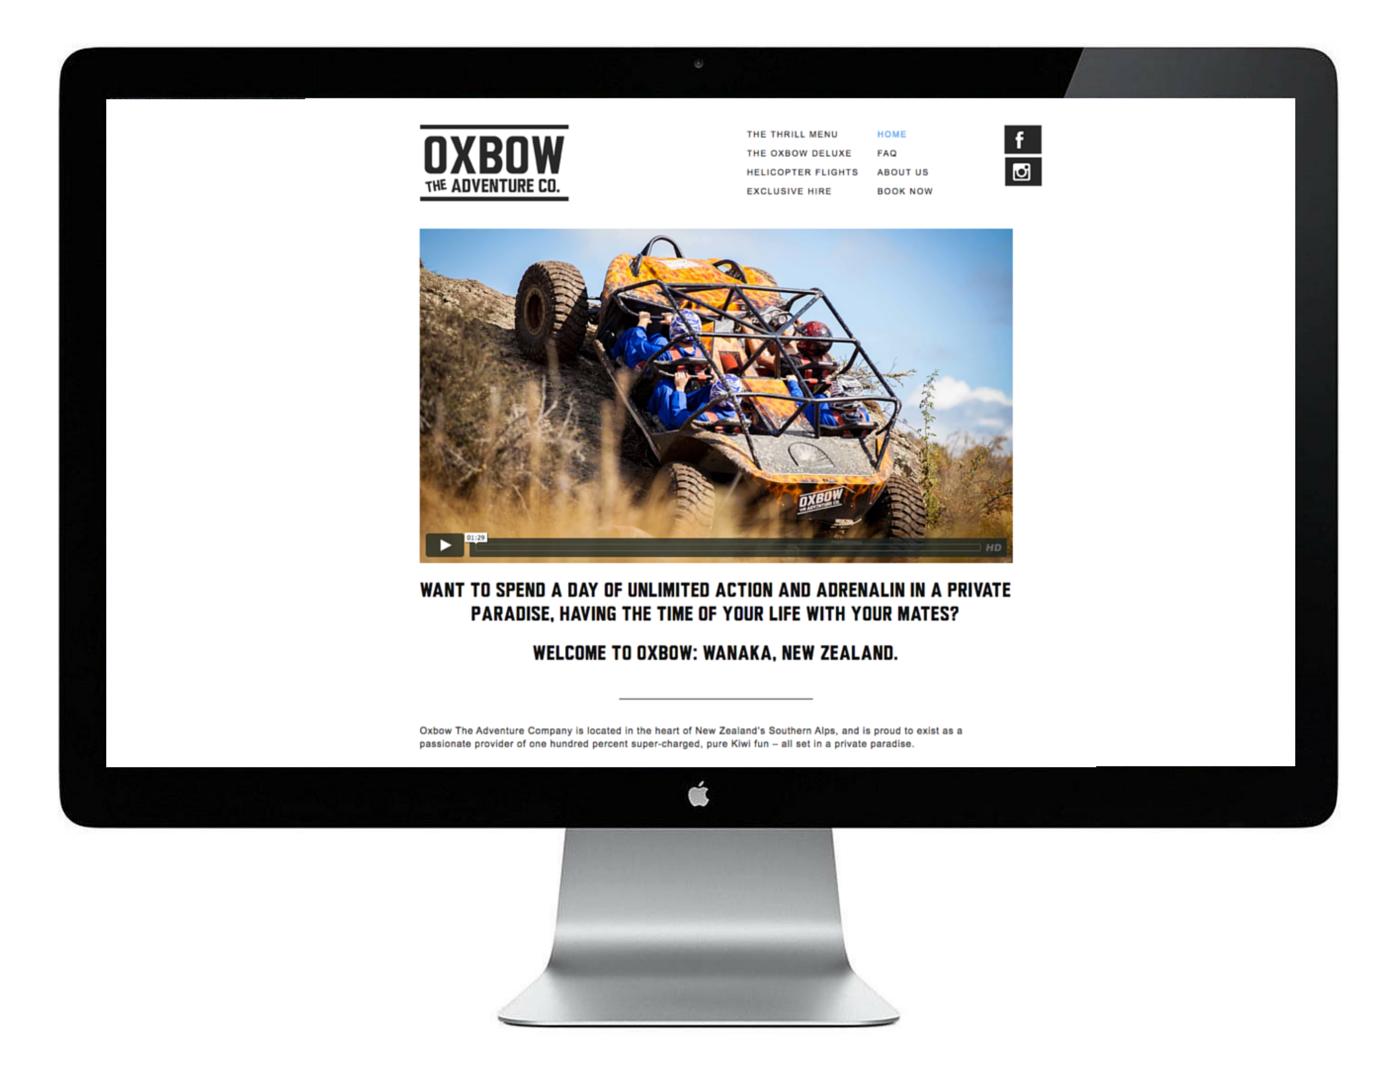 Oxbow, The Adventure Company, Wanaka